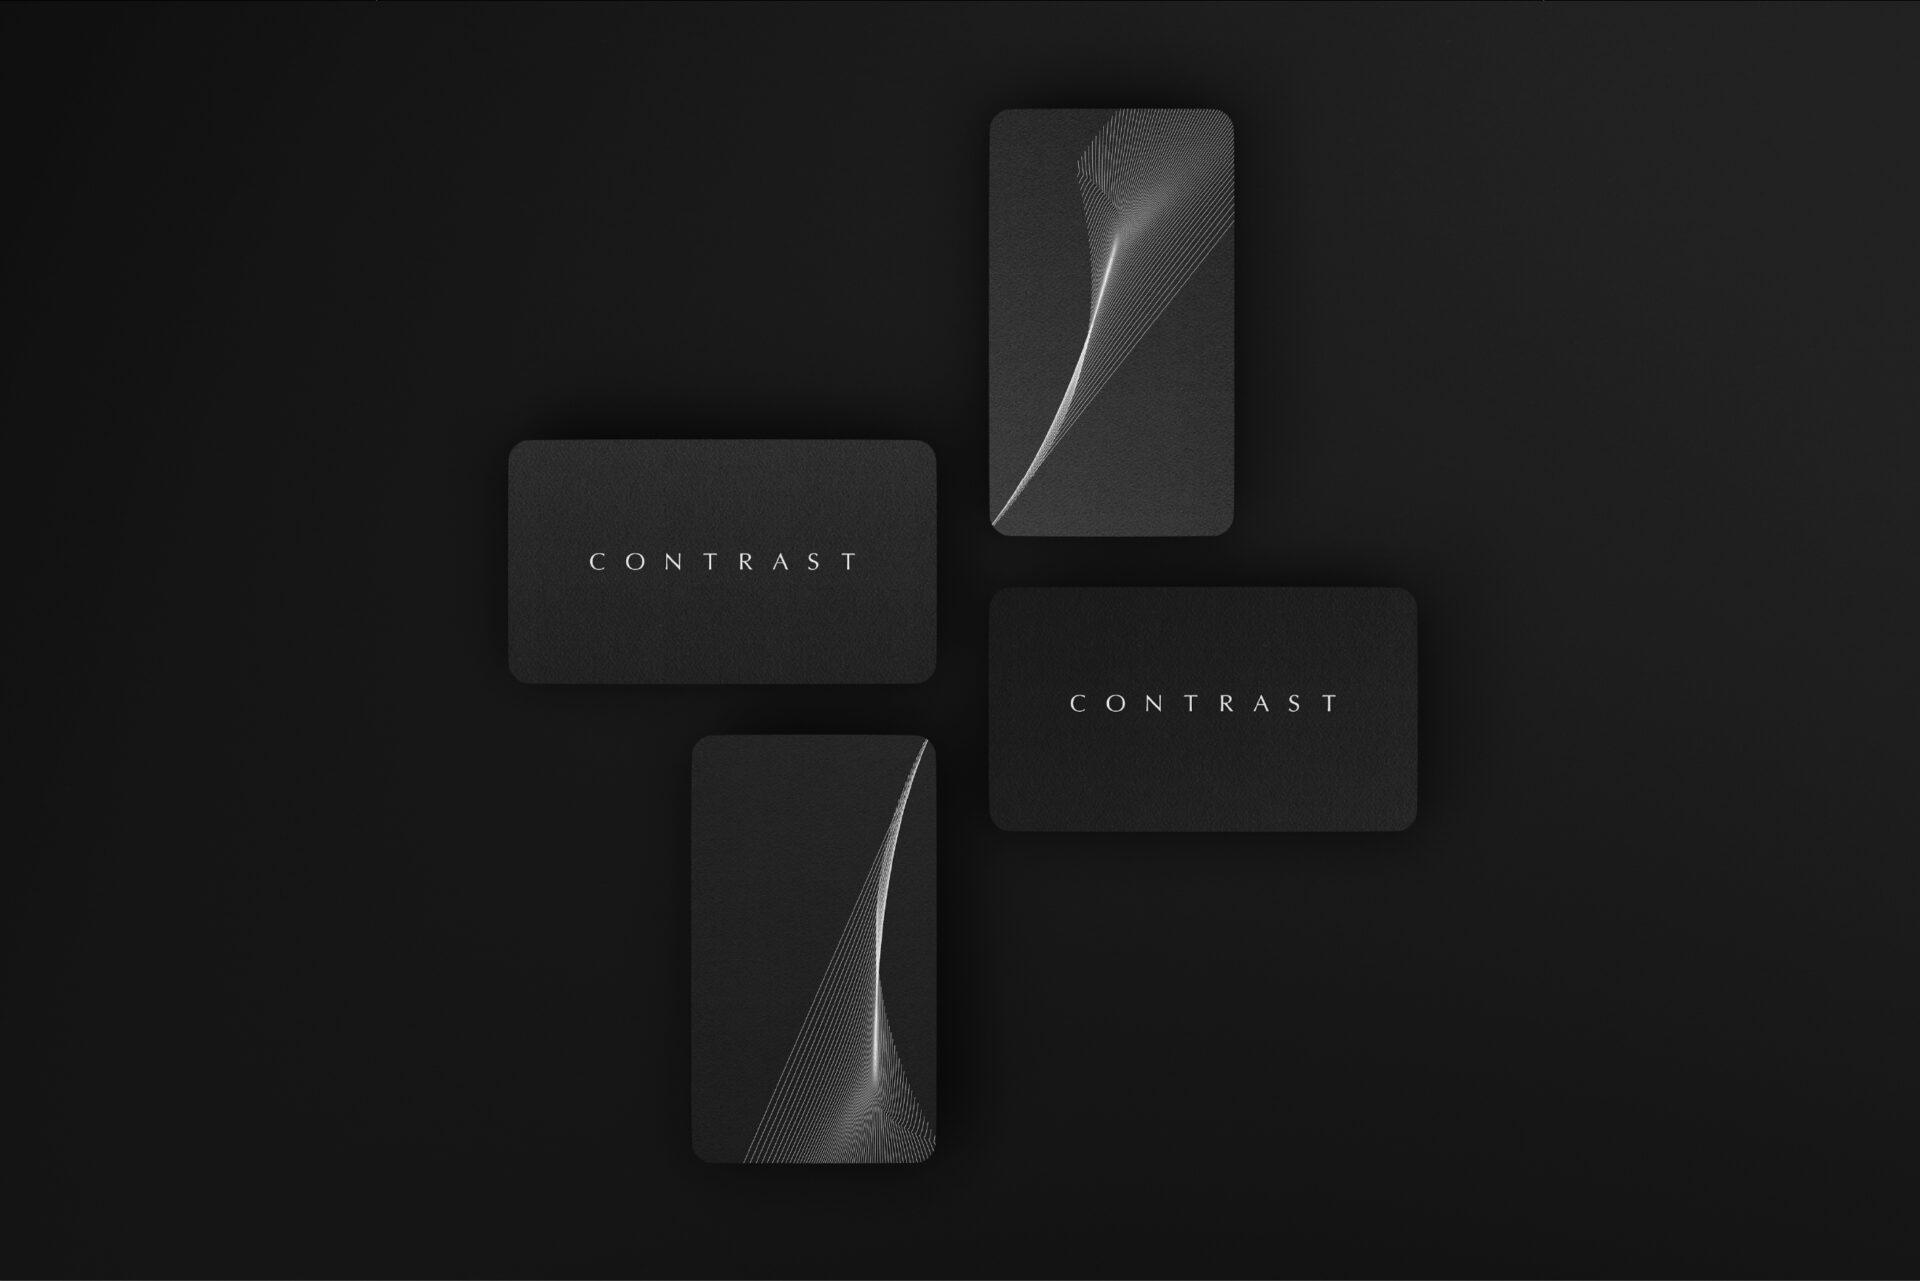 CONTRASTの画像2